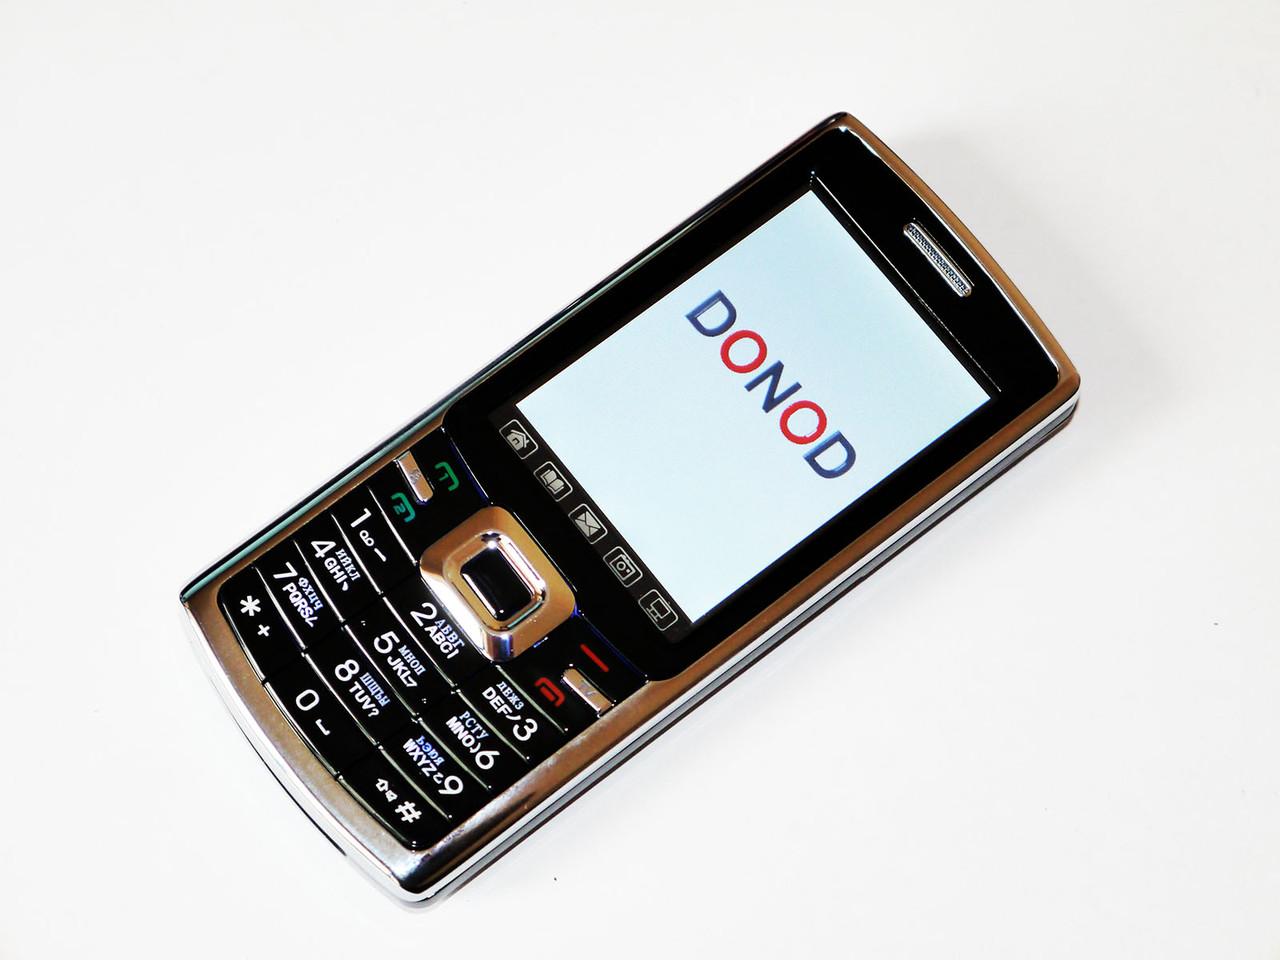 """Телефон DONOD D802 TV - 2Sim + 2,4"""" сенсорный экран + Camera + FM +BT - метал.корпус"""